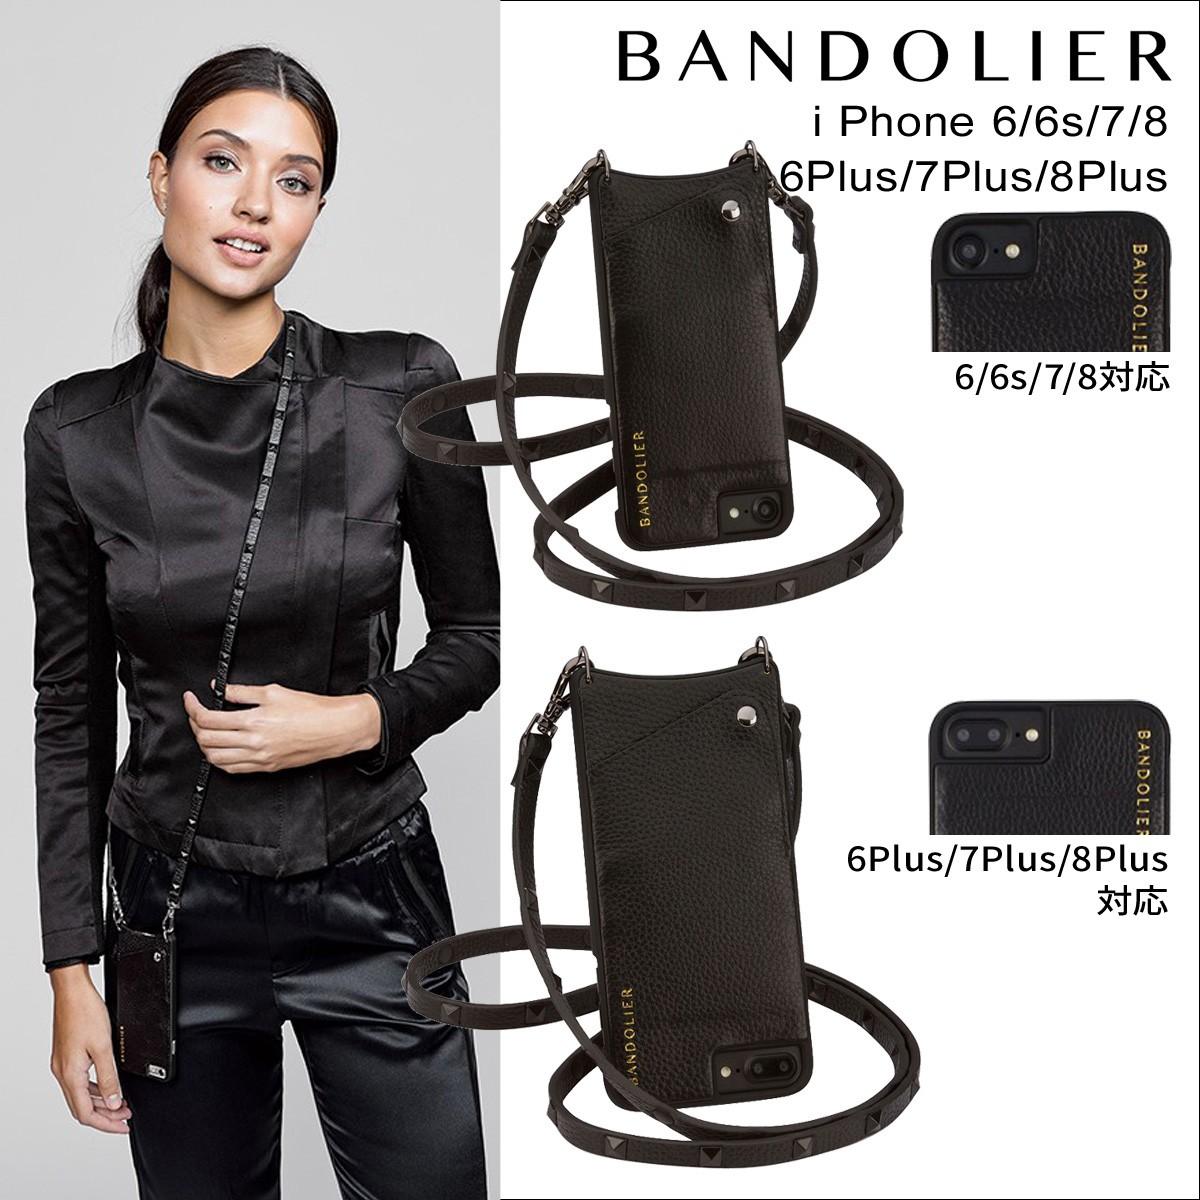 BANDOLIER バンドリヤー iPhone7 7Plus 6s ケース スマホ アイフォン プラス レザー スタッズ メンズ レディース [9/5 新入